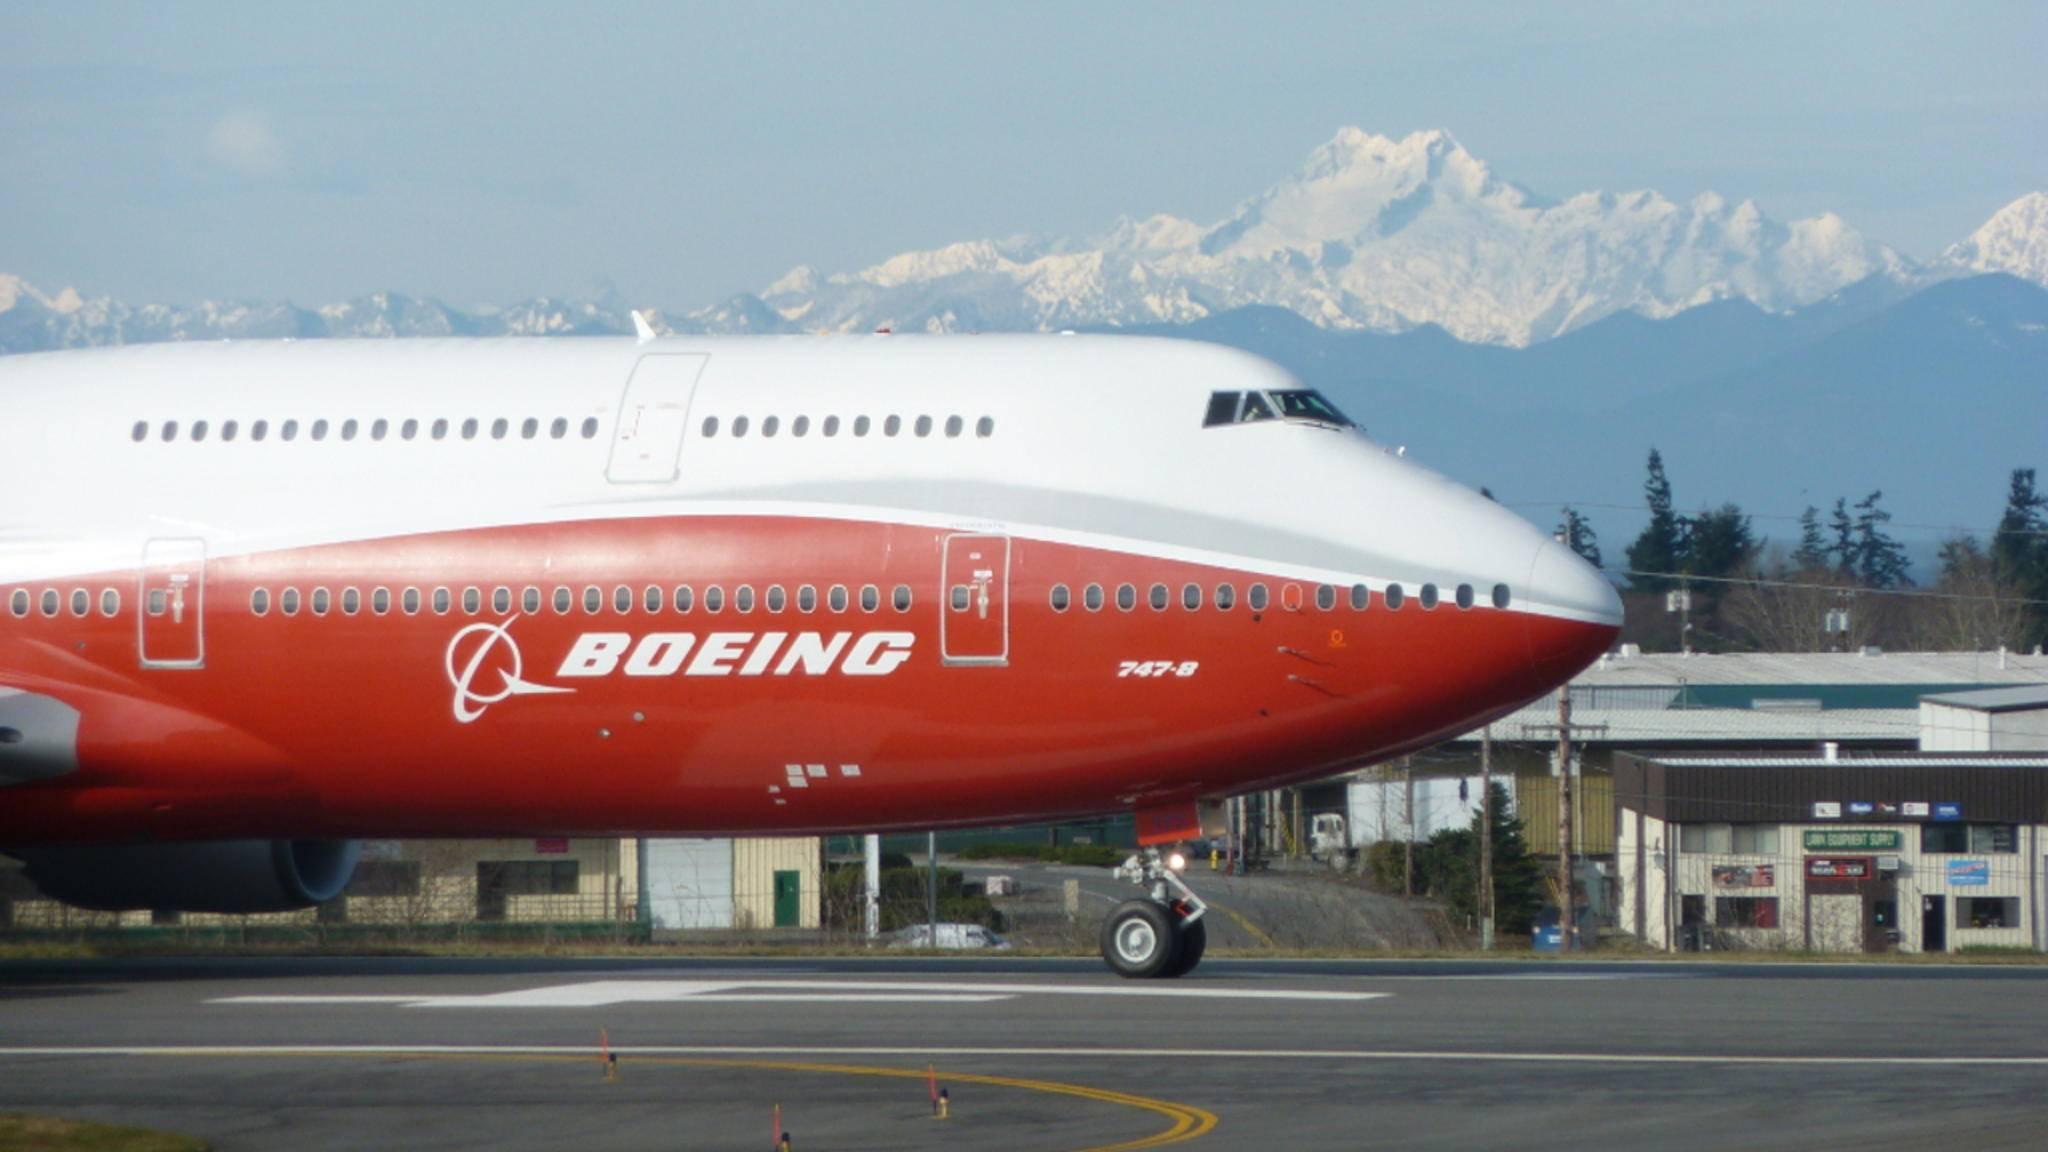 Mit Flug-Tracker-Apps lässt sich die Position aller Flugzeuge anzeigen.